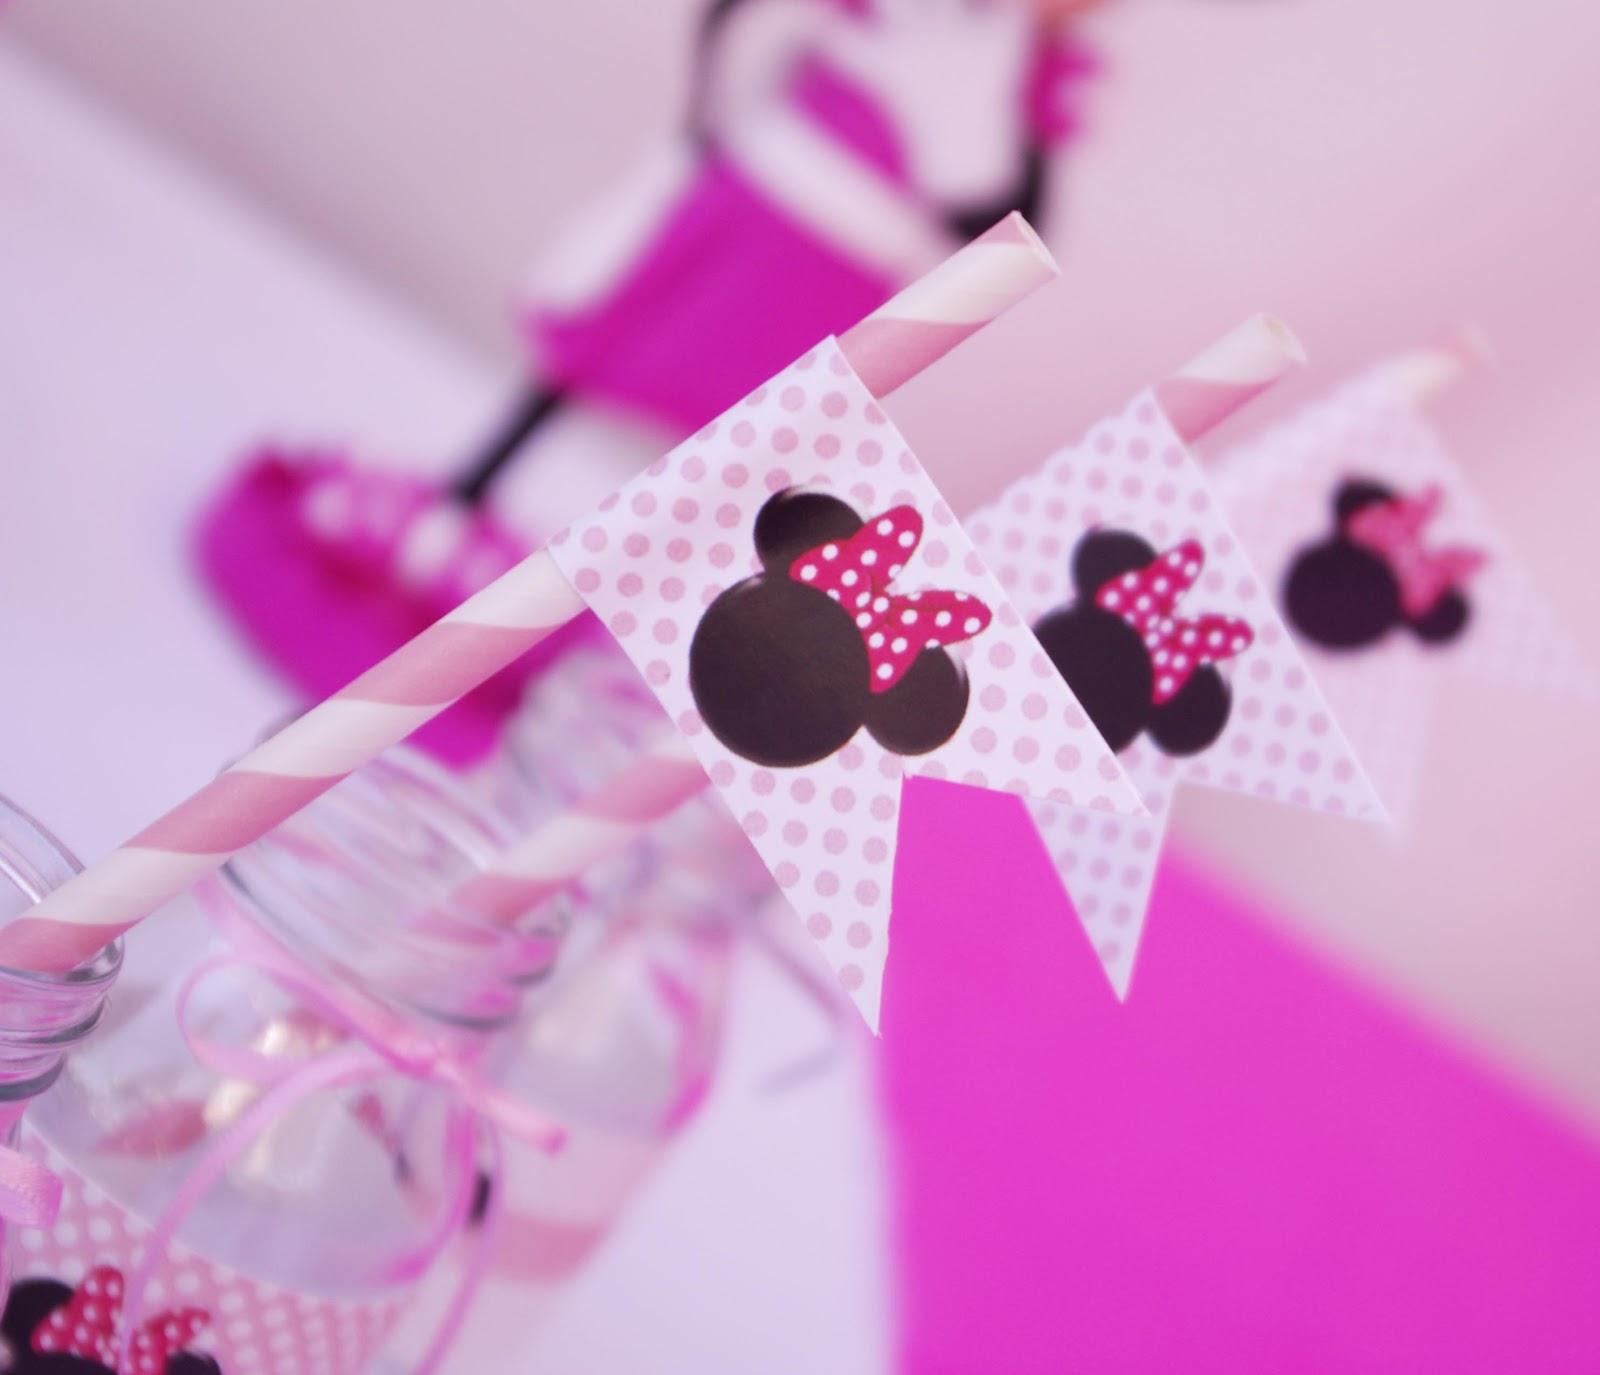 os dejo algunas fotos de la fiesta de Cumpleaños de Minnie Mouse